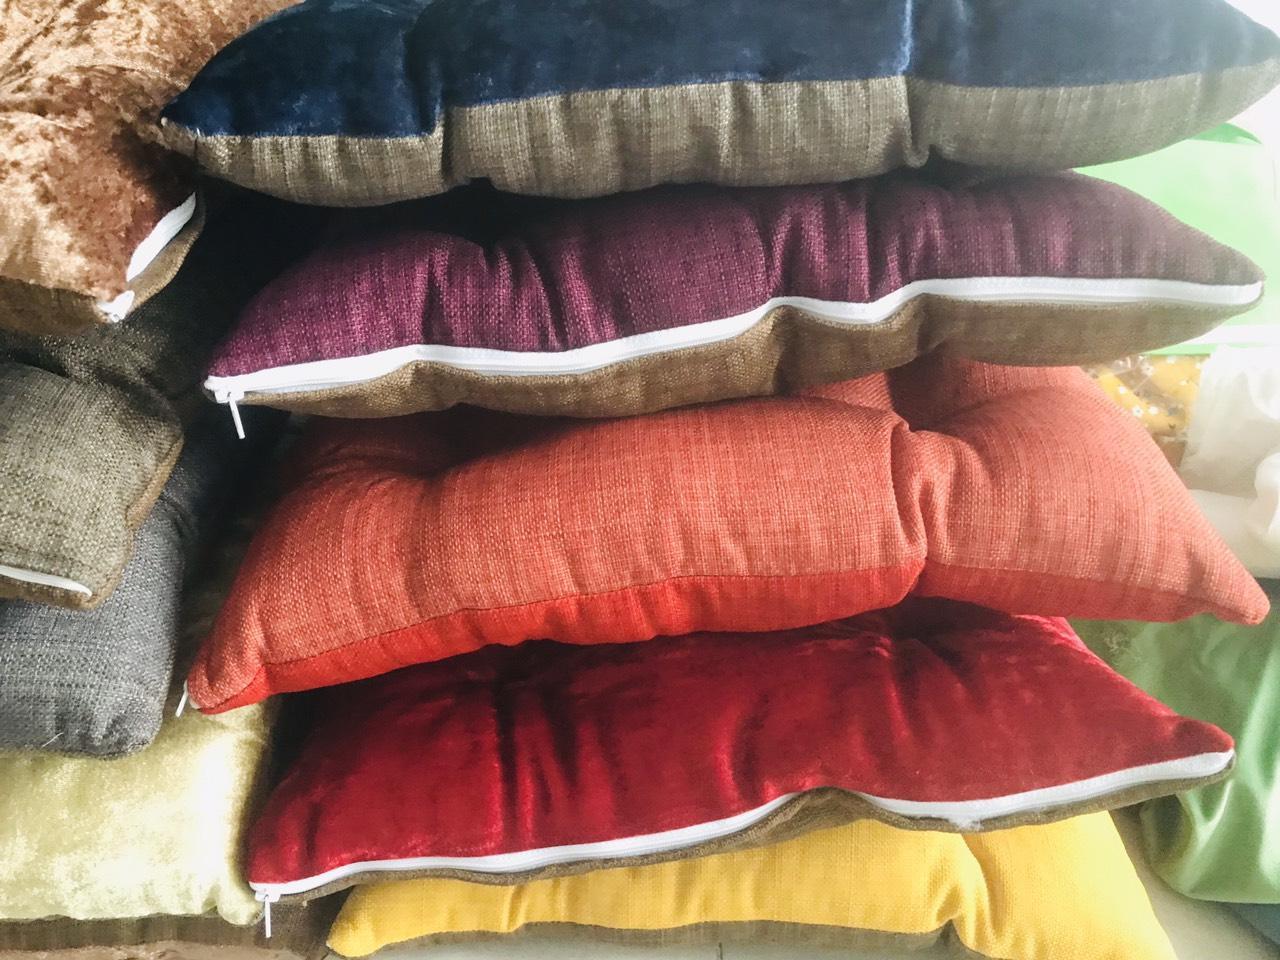 Shop bán đệm ngồi vuông vải linen dầy 43cm x 43cm - màu ngẫu nhiên | Review  ZimKen